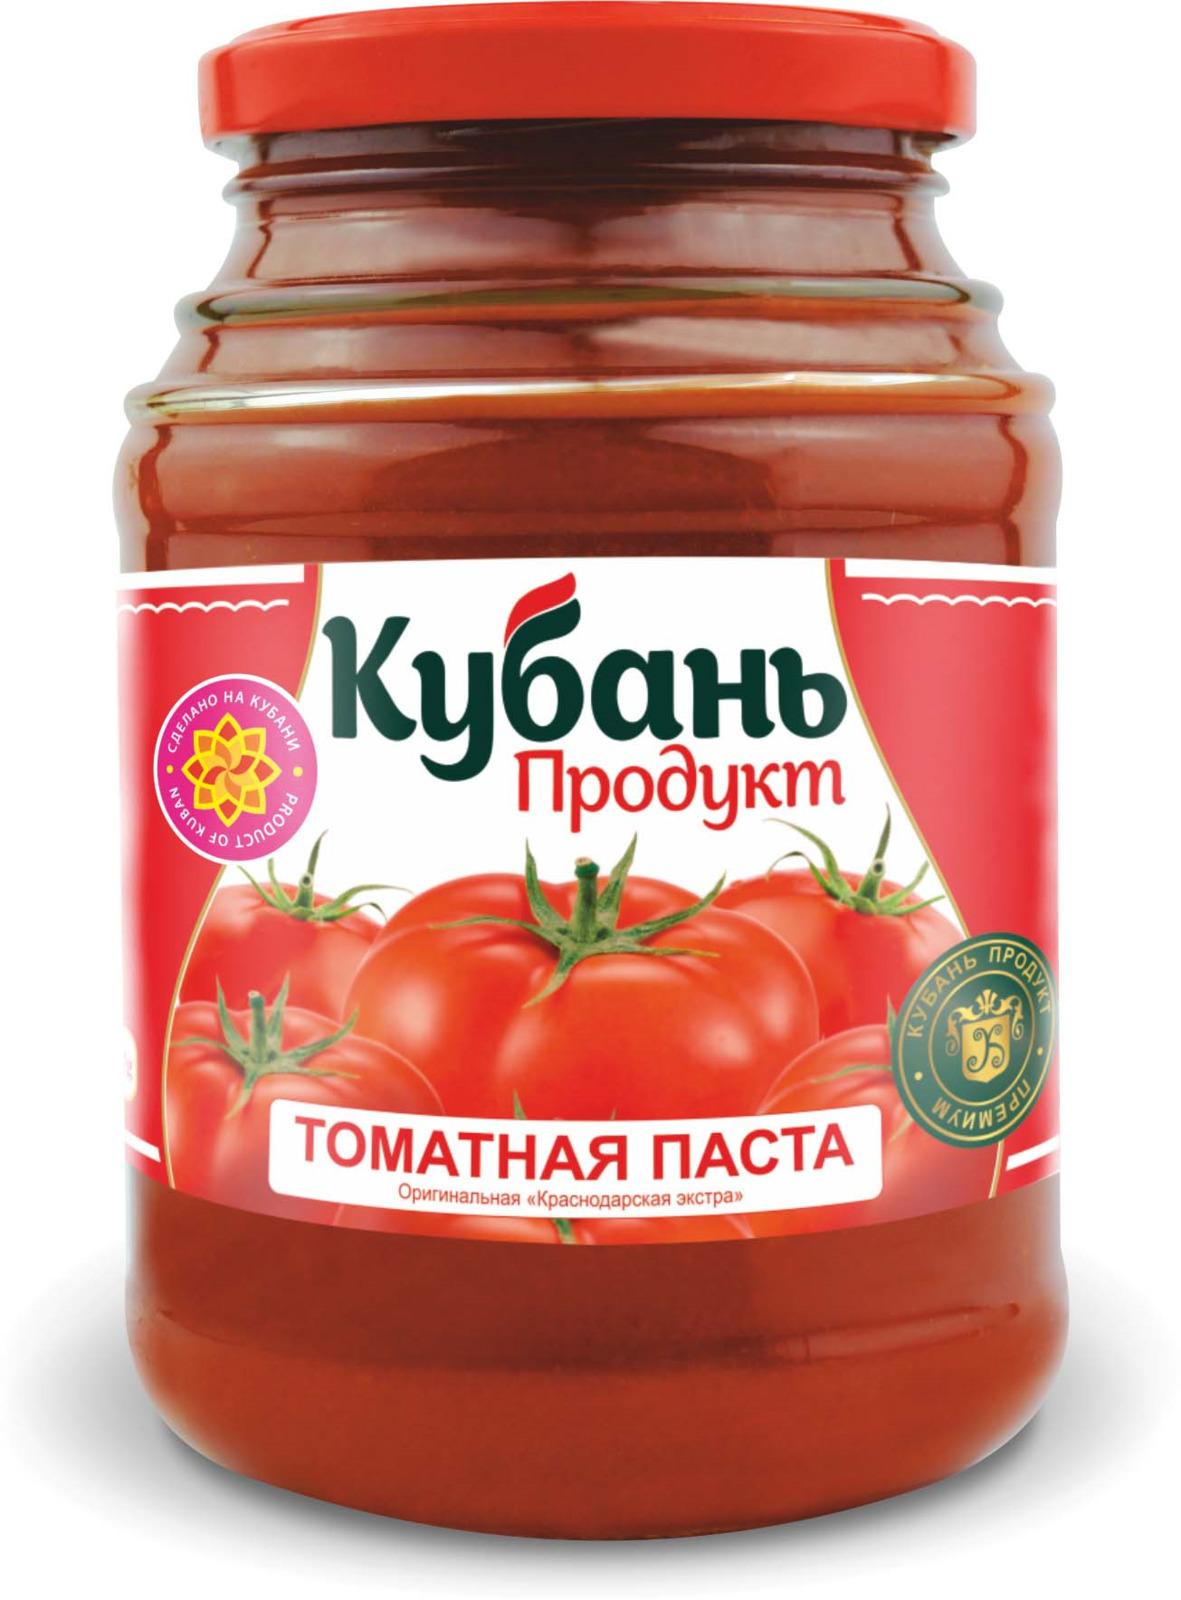 Кубань Продукт паста томатная, 500 г тони моли томатная